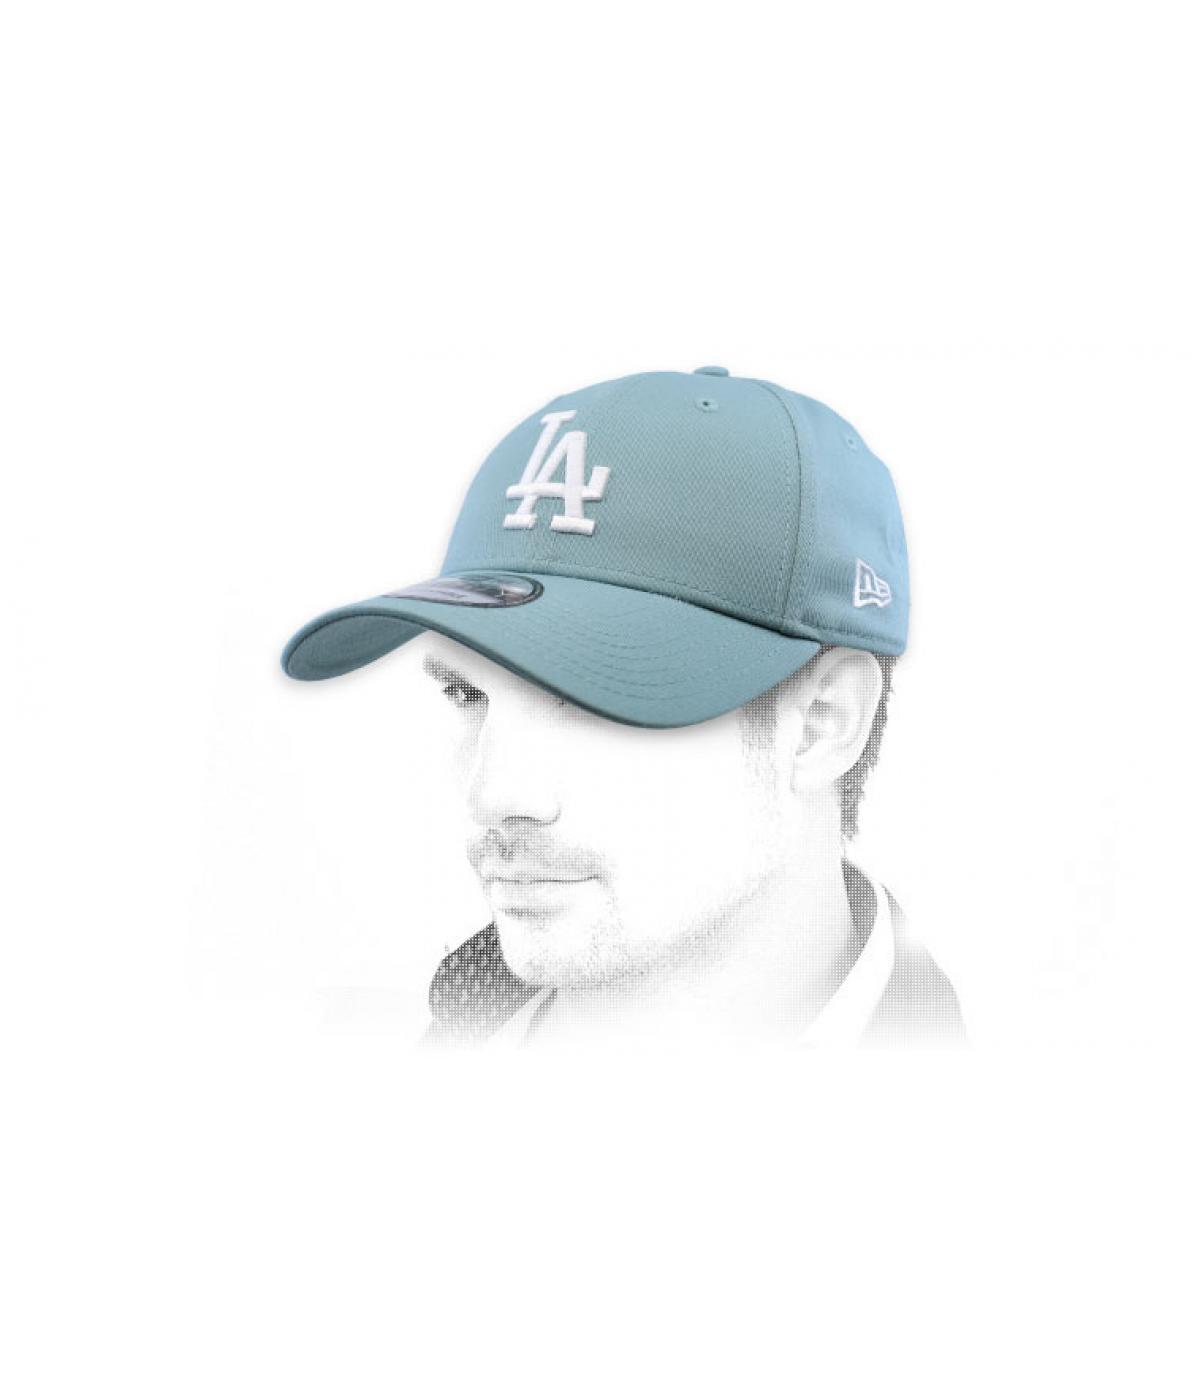 blue LA cap